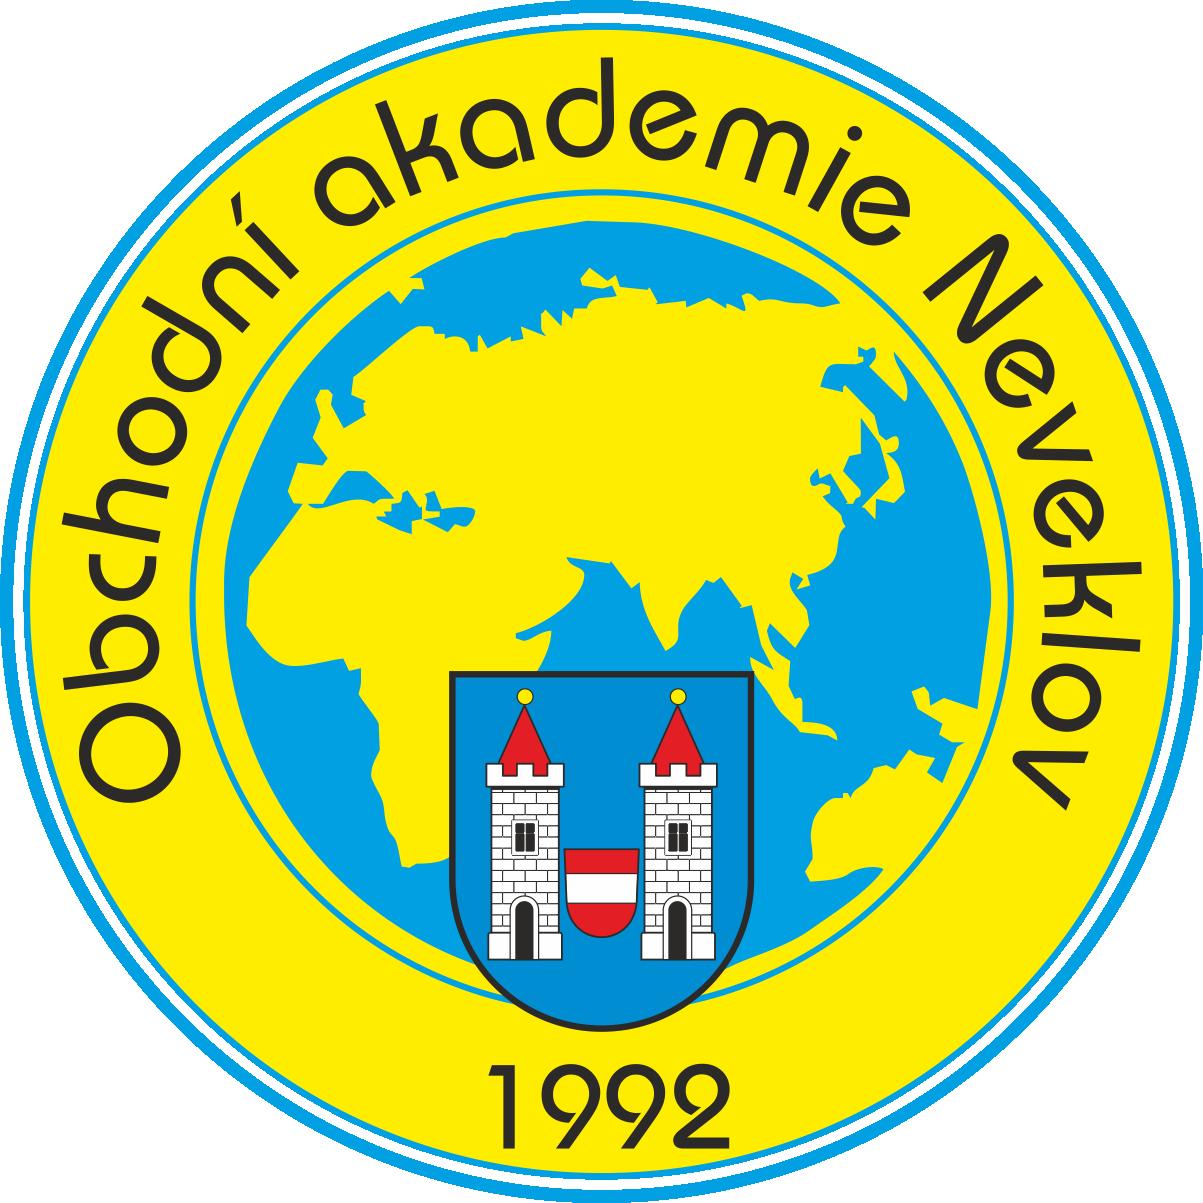 Obchodní akademie Neveklov logo